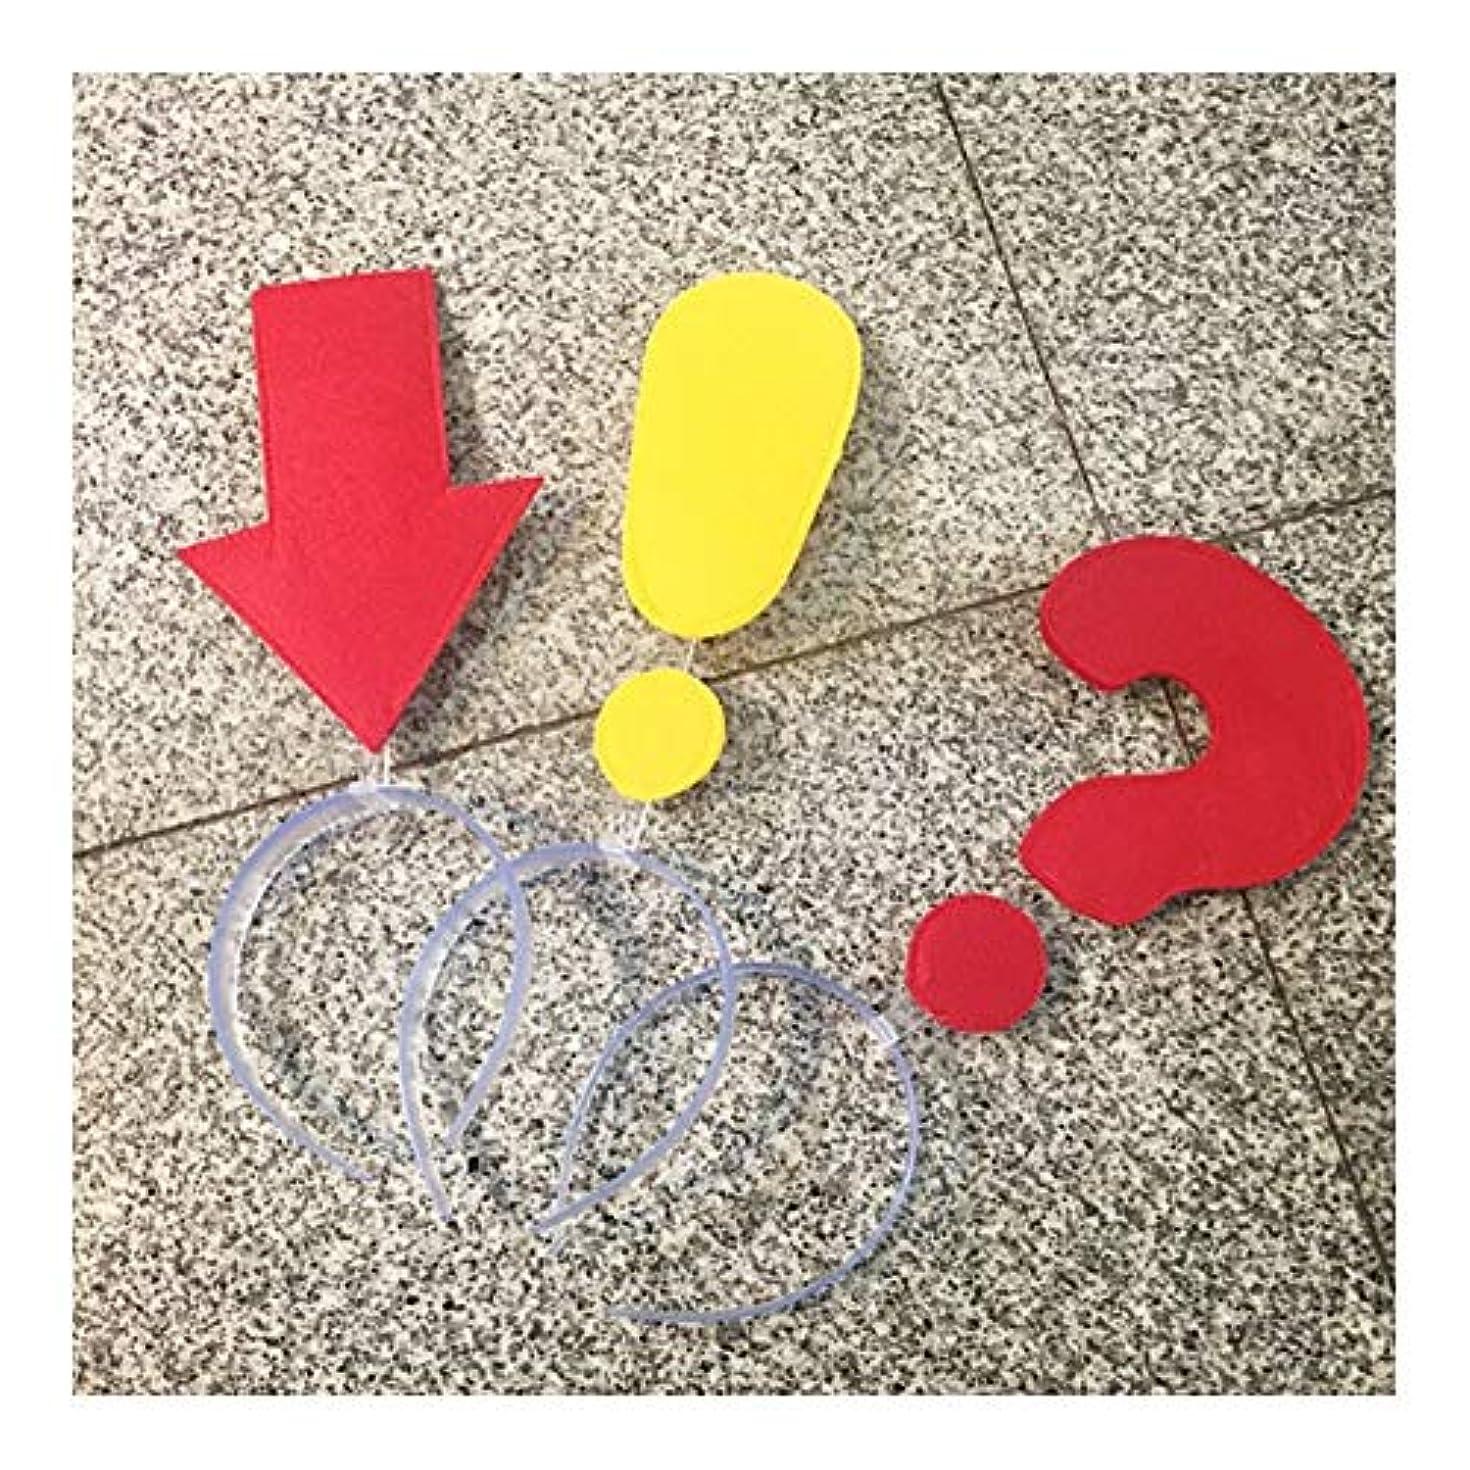 同行オーバーフローチャネルYANTING ファニー販売かわいい疑問符記号カチューシャ楽しいパーティーの小道具ヘアピンパーソナリティヘッドバンドクリエイティブヘアピン男性と女性 (Color : Red, スタイル : Arrow)